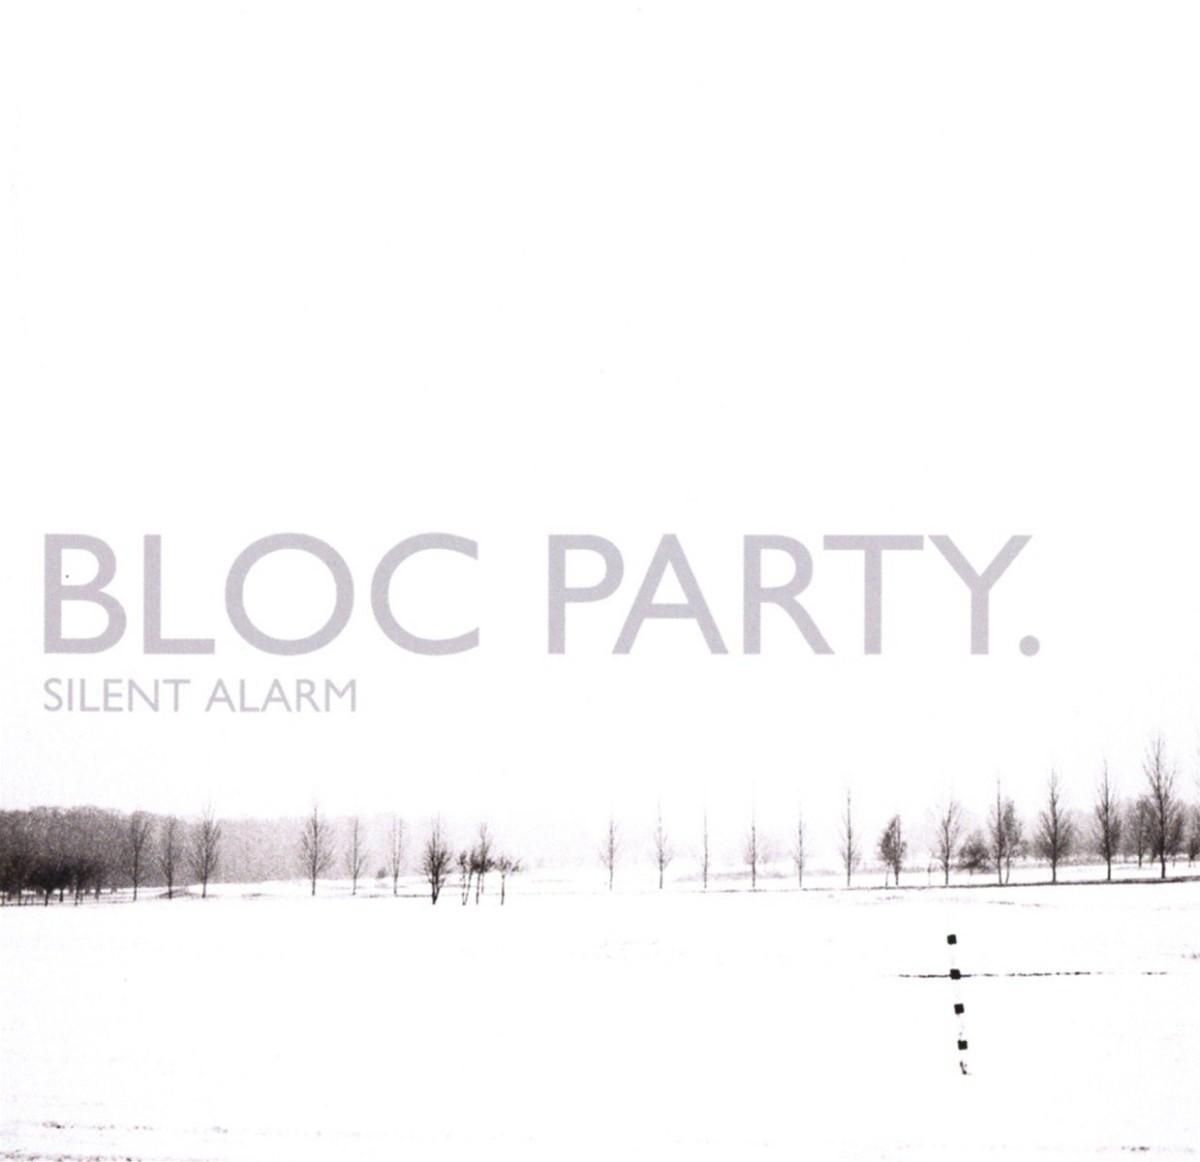 Bloc Party Silent Alarm review